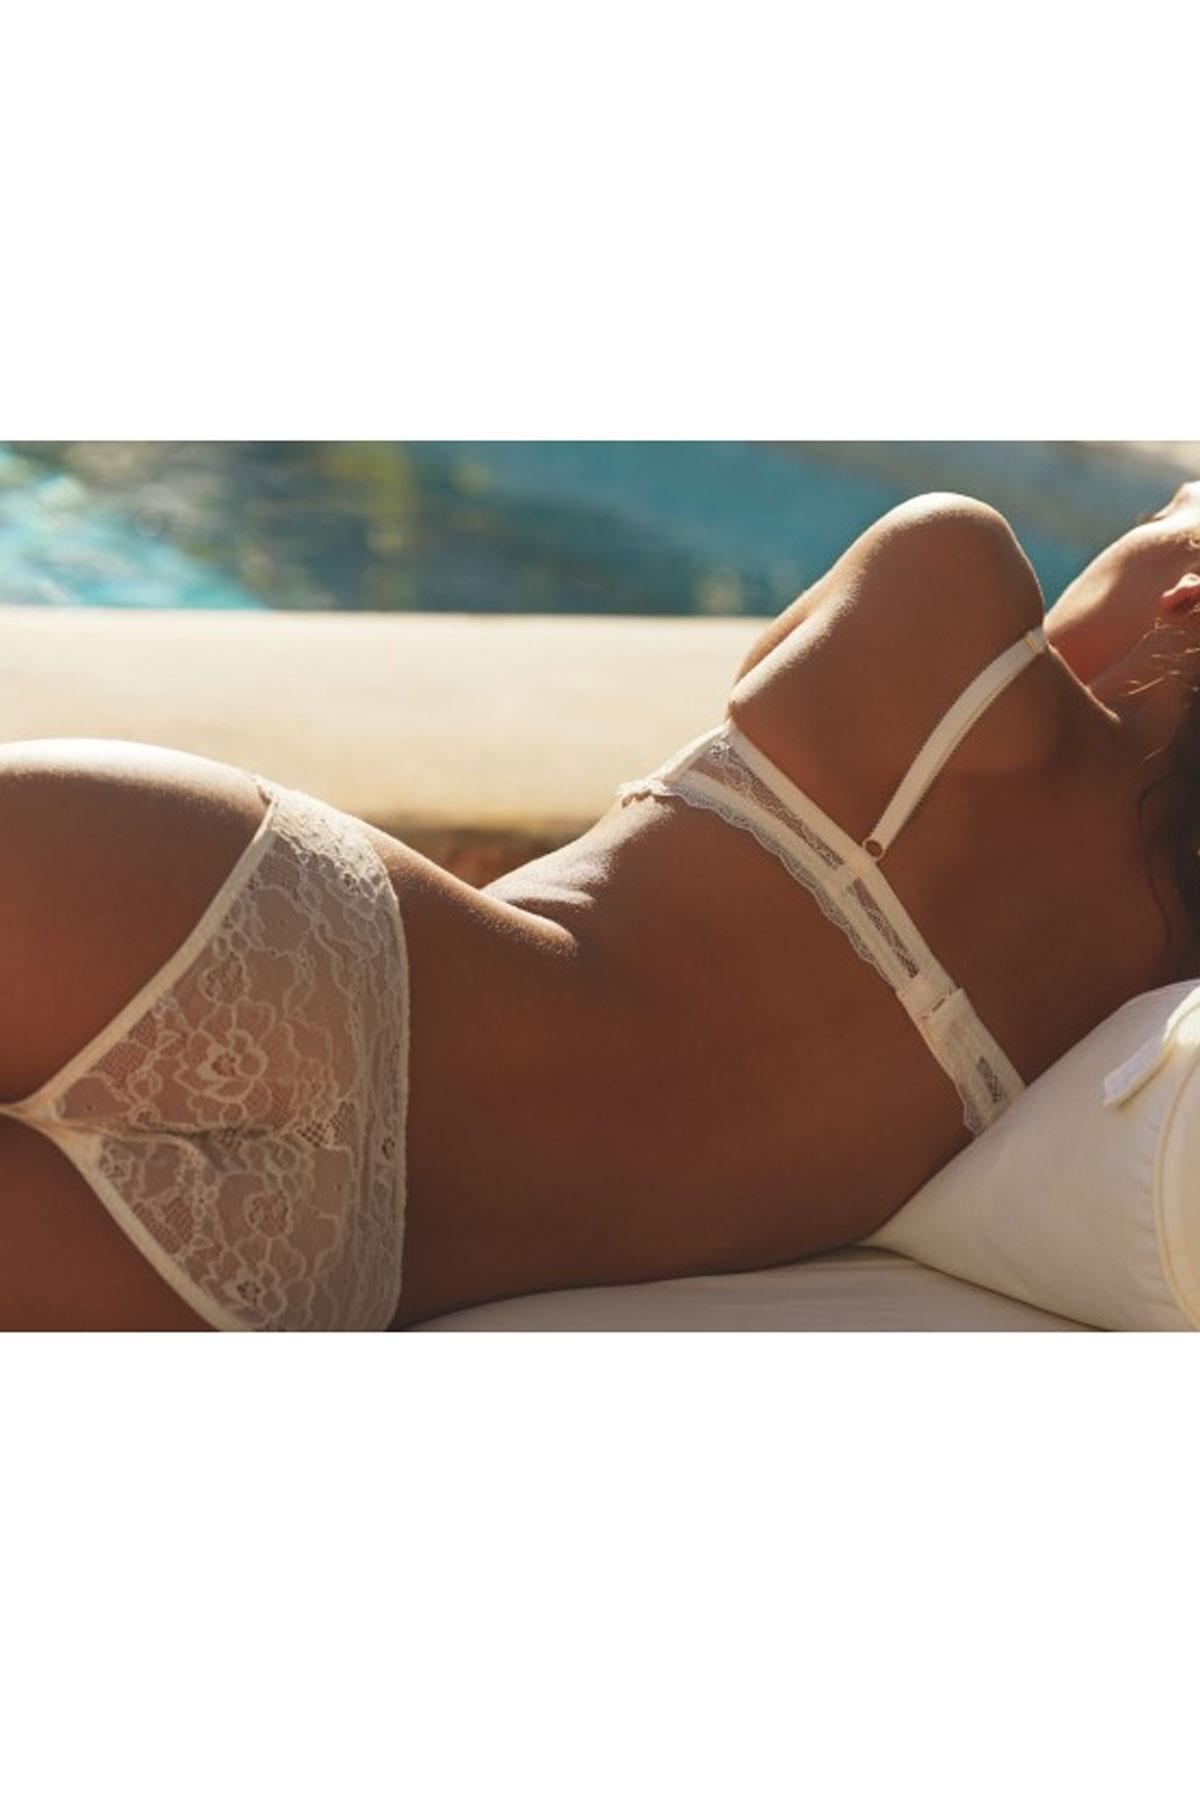 Дамски полупрозрачни бели бикини Mimosa / LIDY'S LINGERIE SHOP